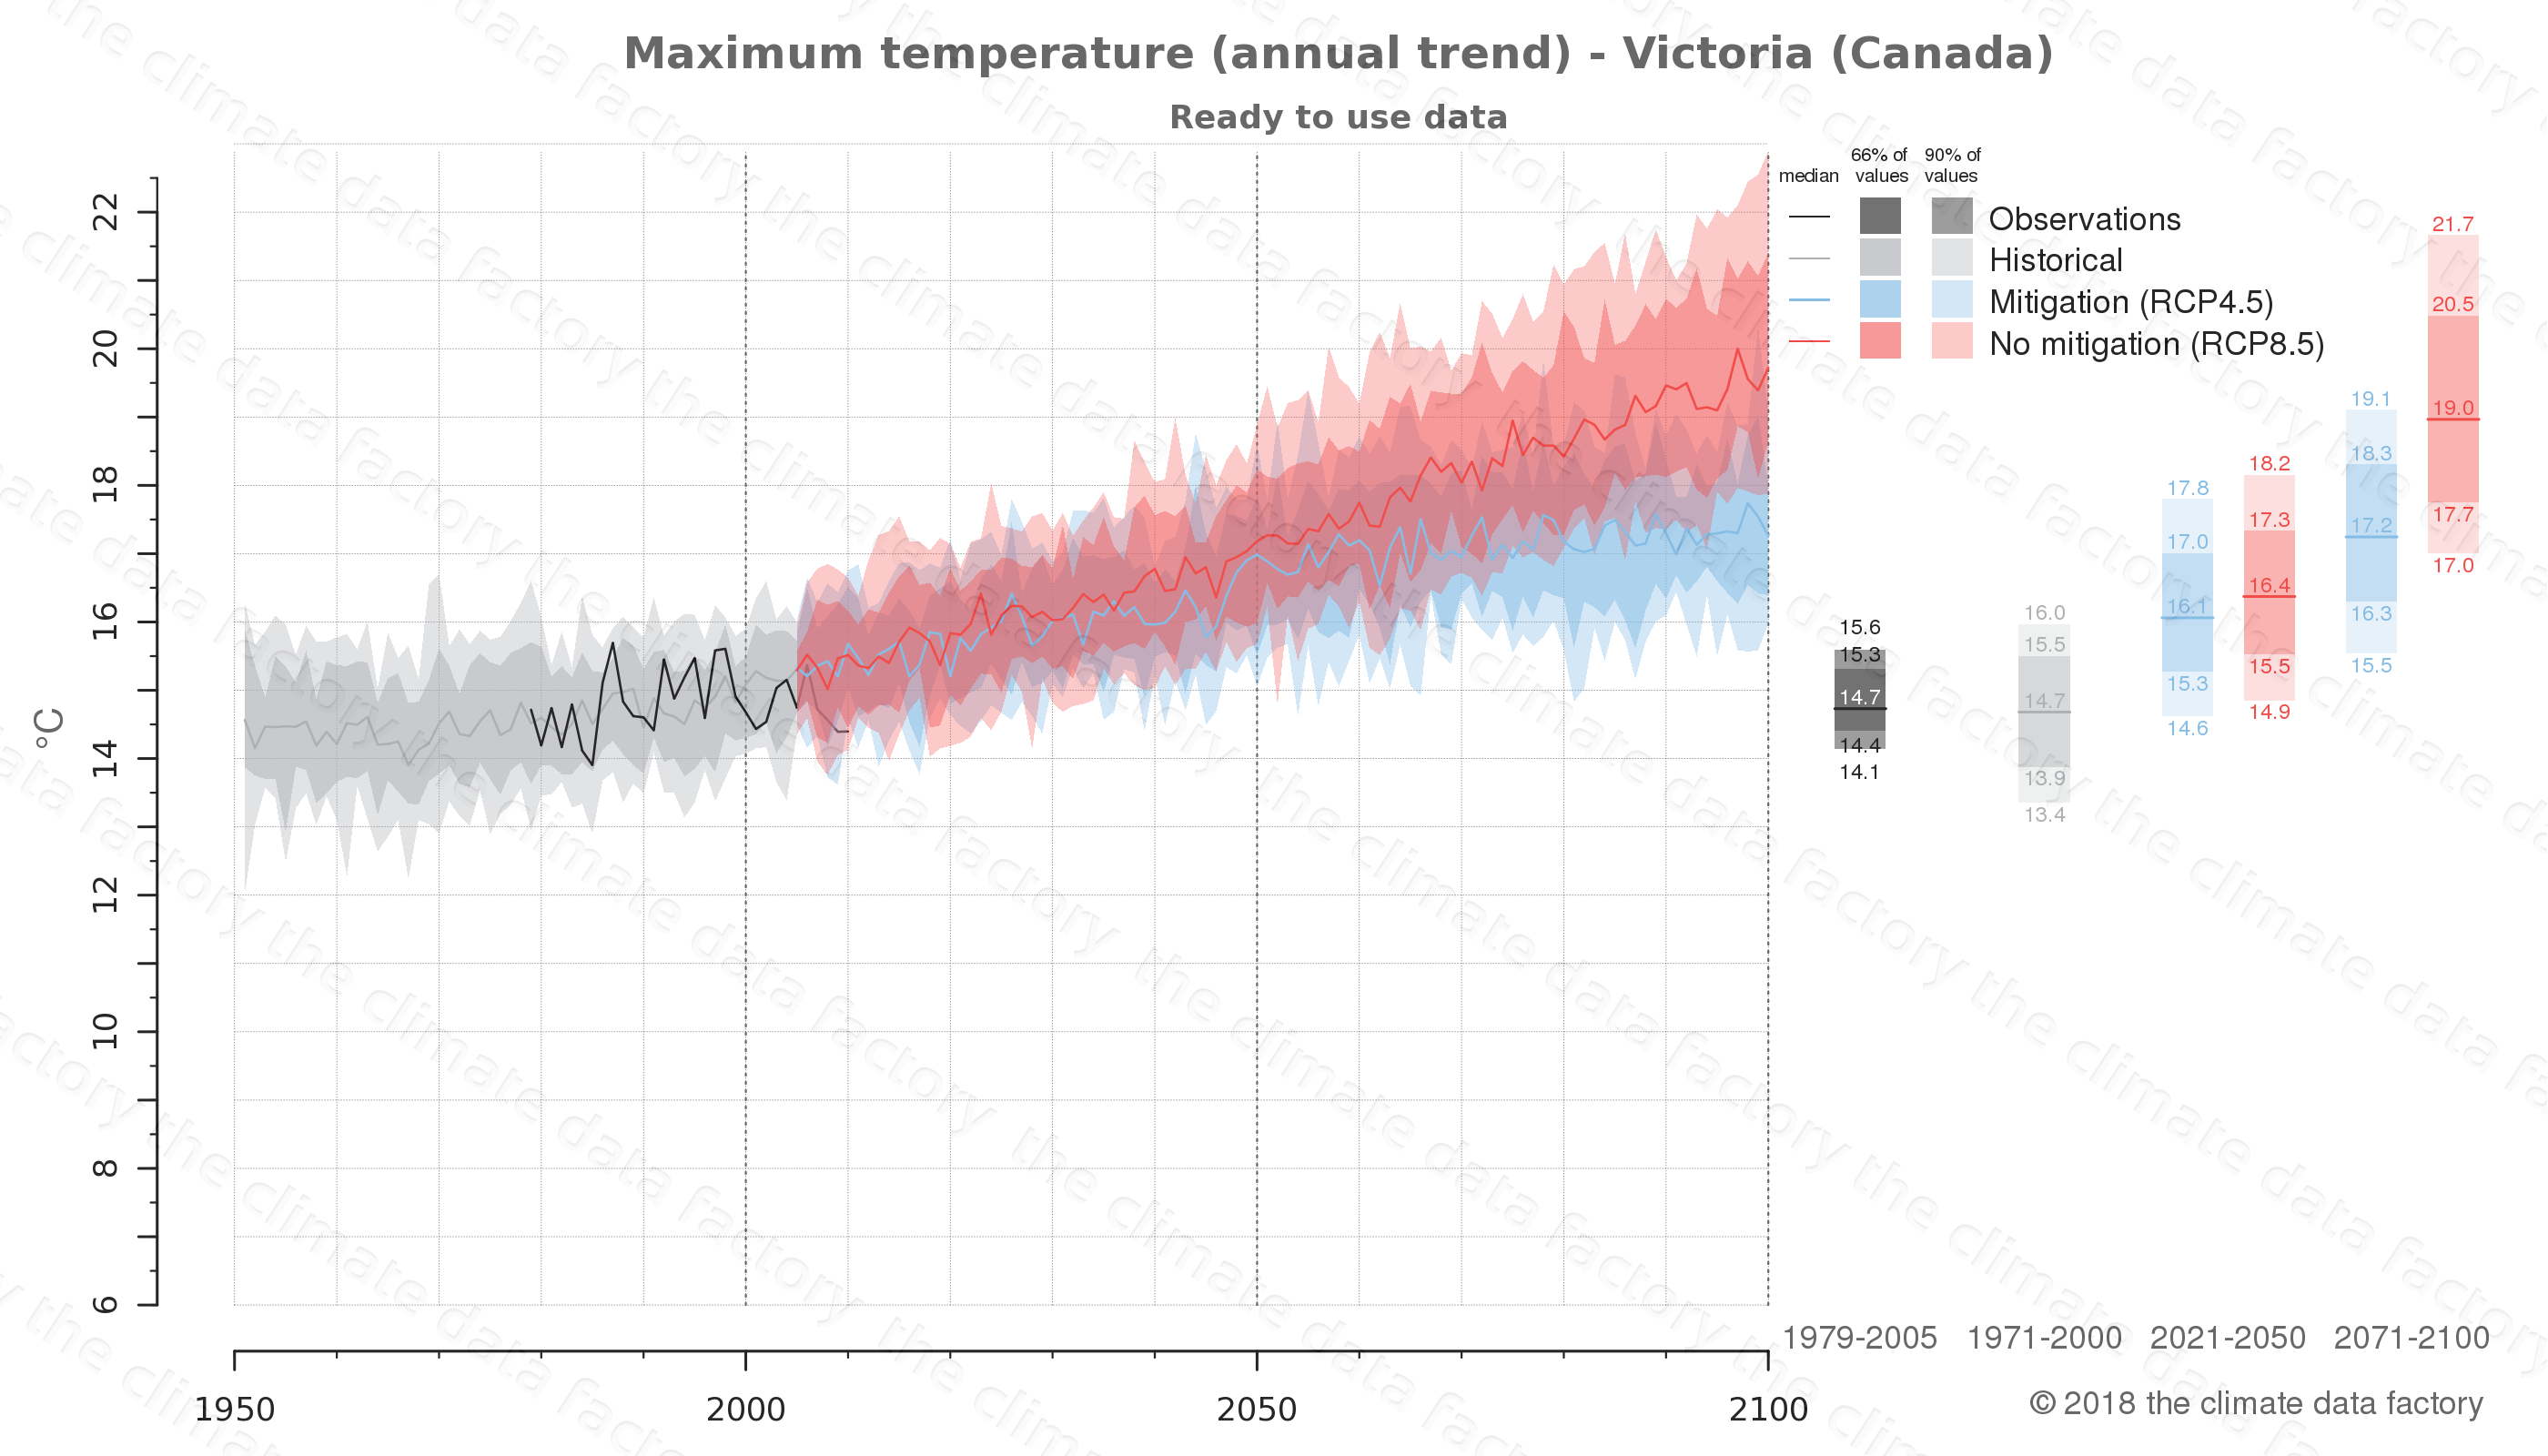 climate change data policy adaptation climate graph city data maximum-temperature victoria canada